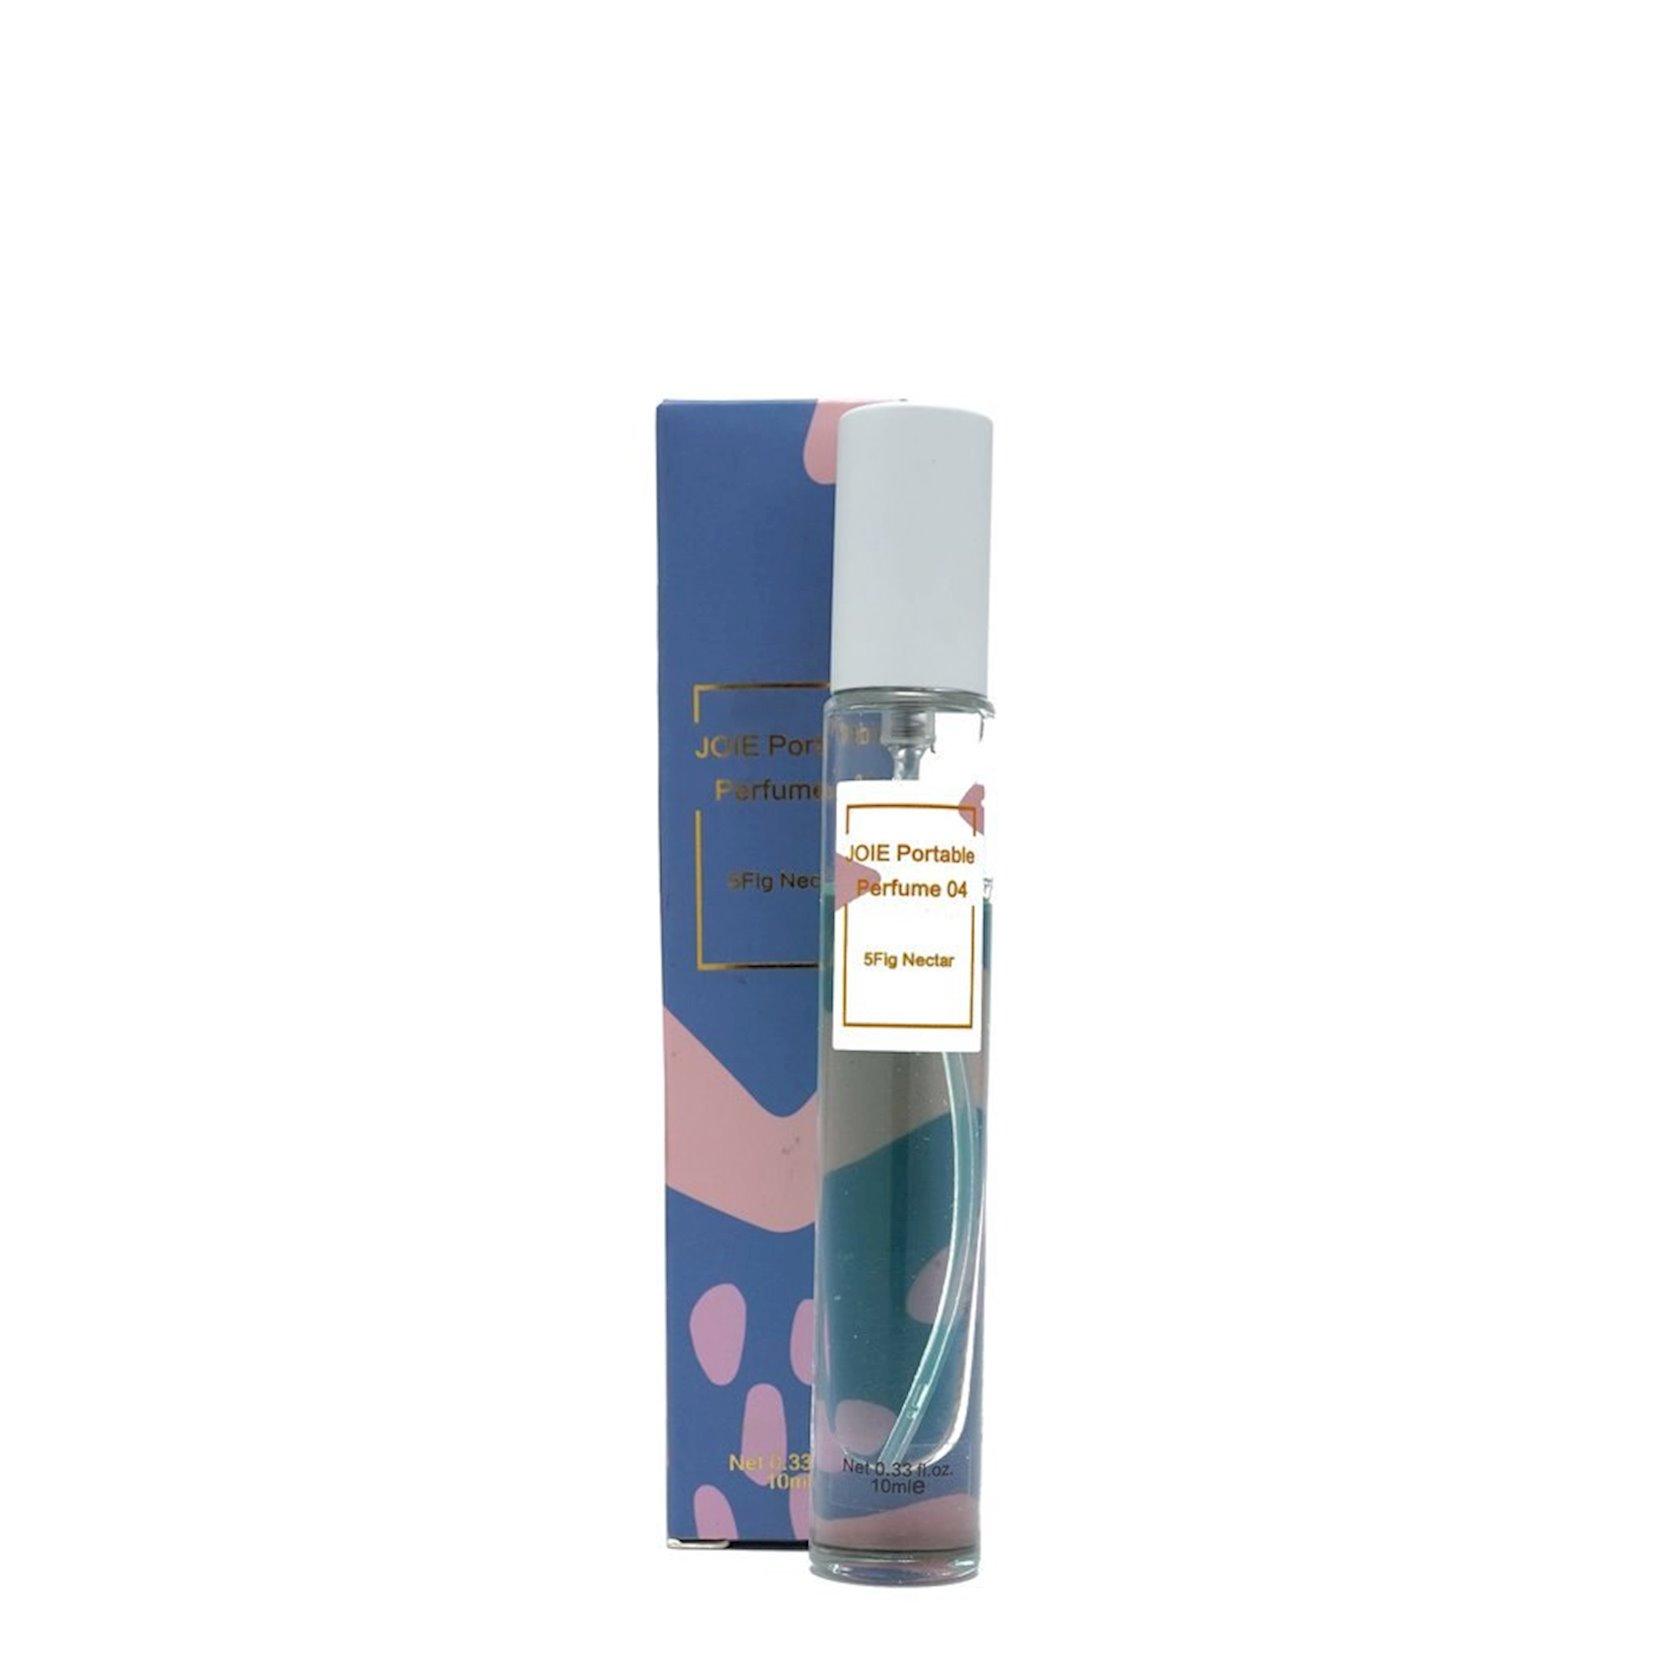 Parfüm Miniso JOIE Portable Perfume 04 - 5 Fig Nectar 10 ml